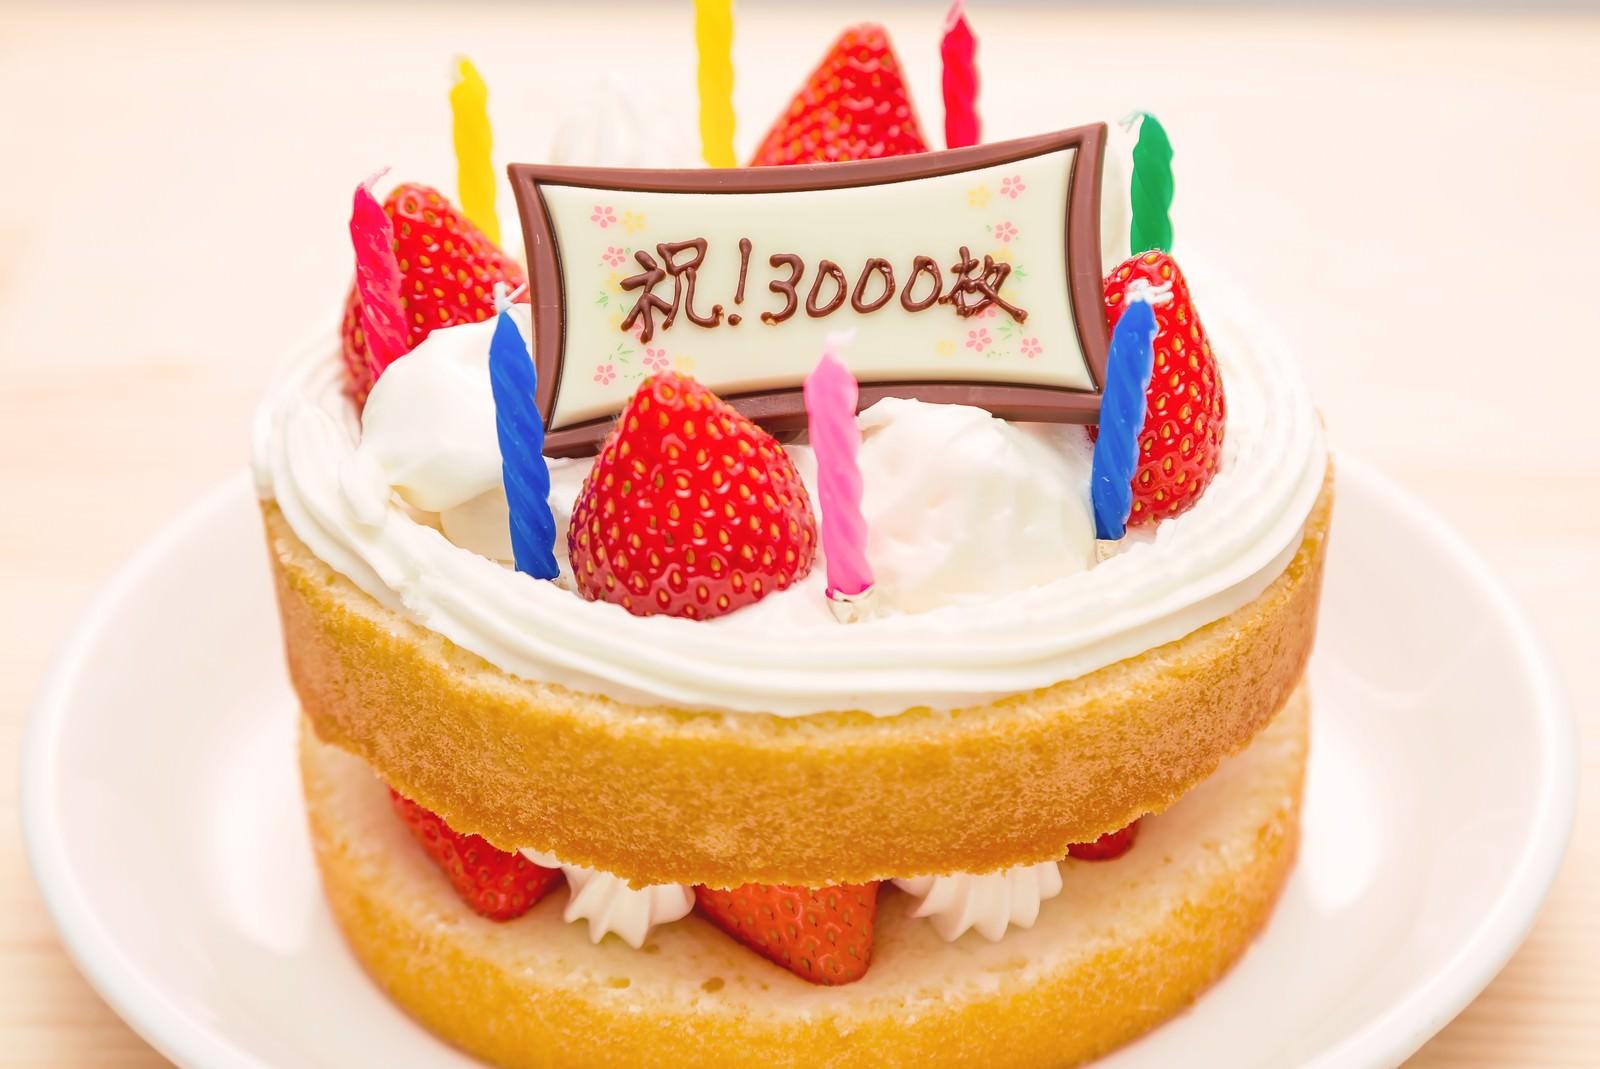 「祝・3000枚のケーキ」の写真